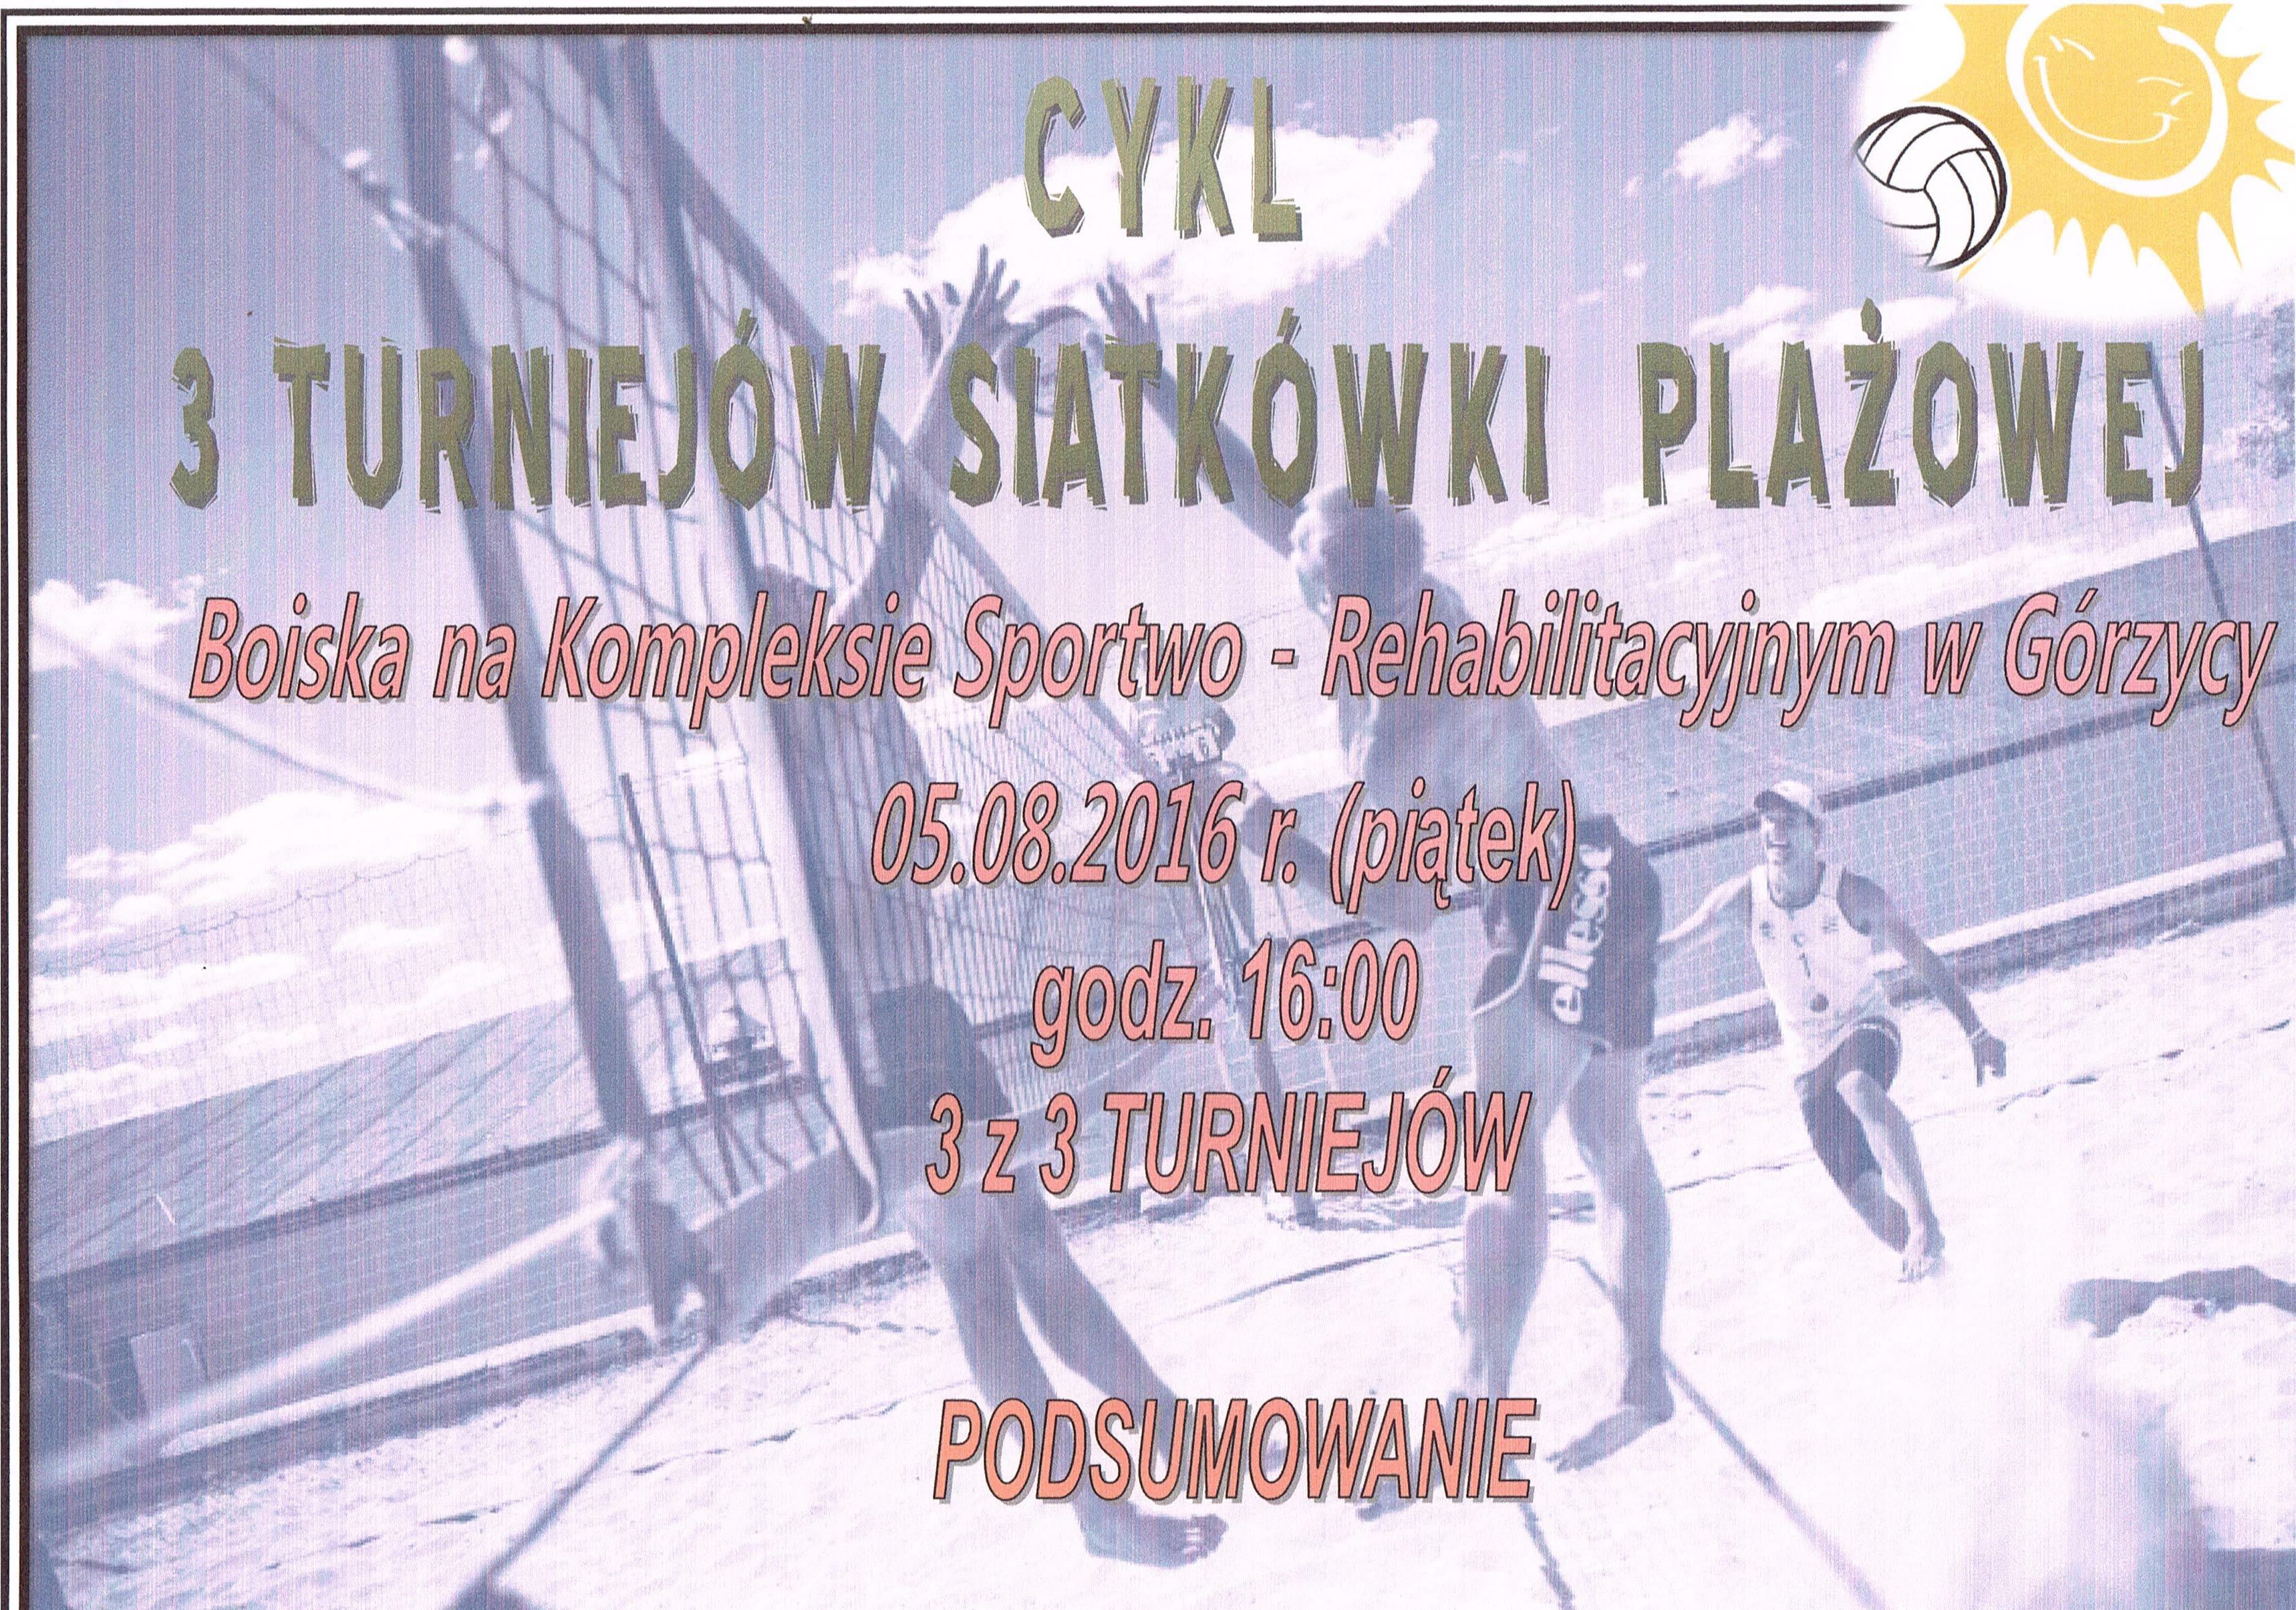 You are browsing images from the article: 3 z 3 Turniej�w Siatk�wki Pla�owej - podsumowanie!